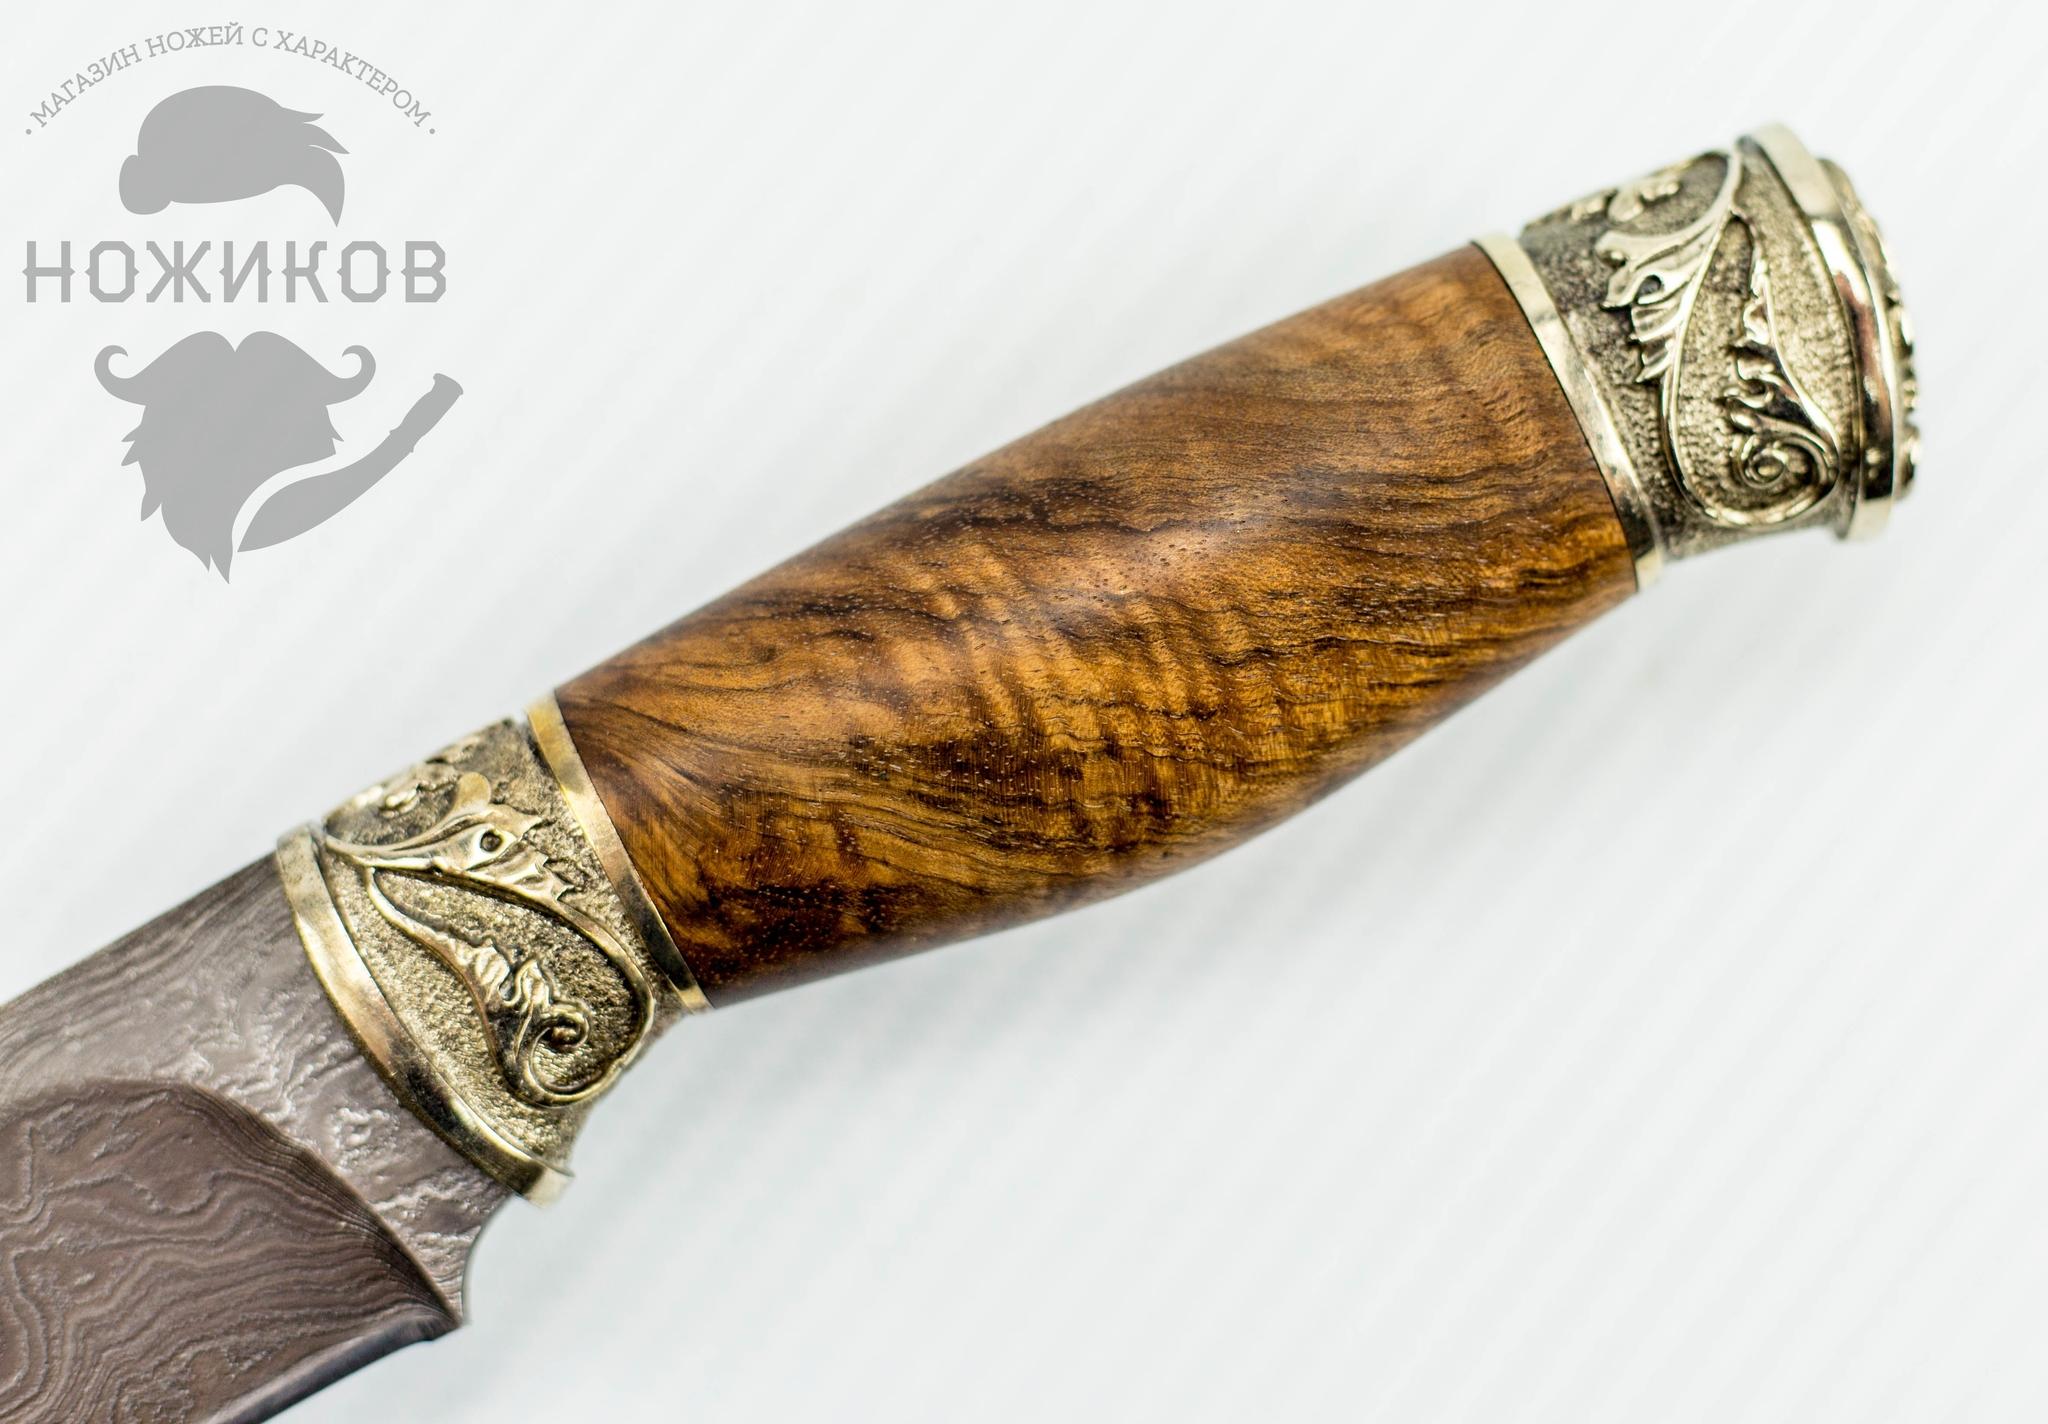 Фото 3 - Авторский Нож из Дамаска №75, Кизляр от Noname